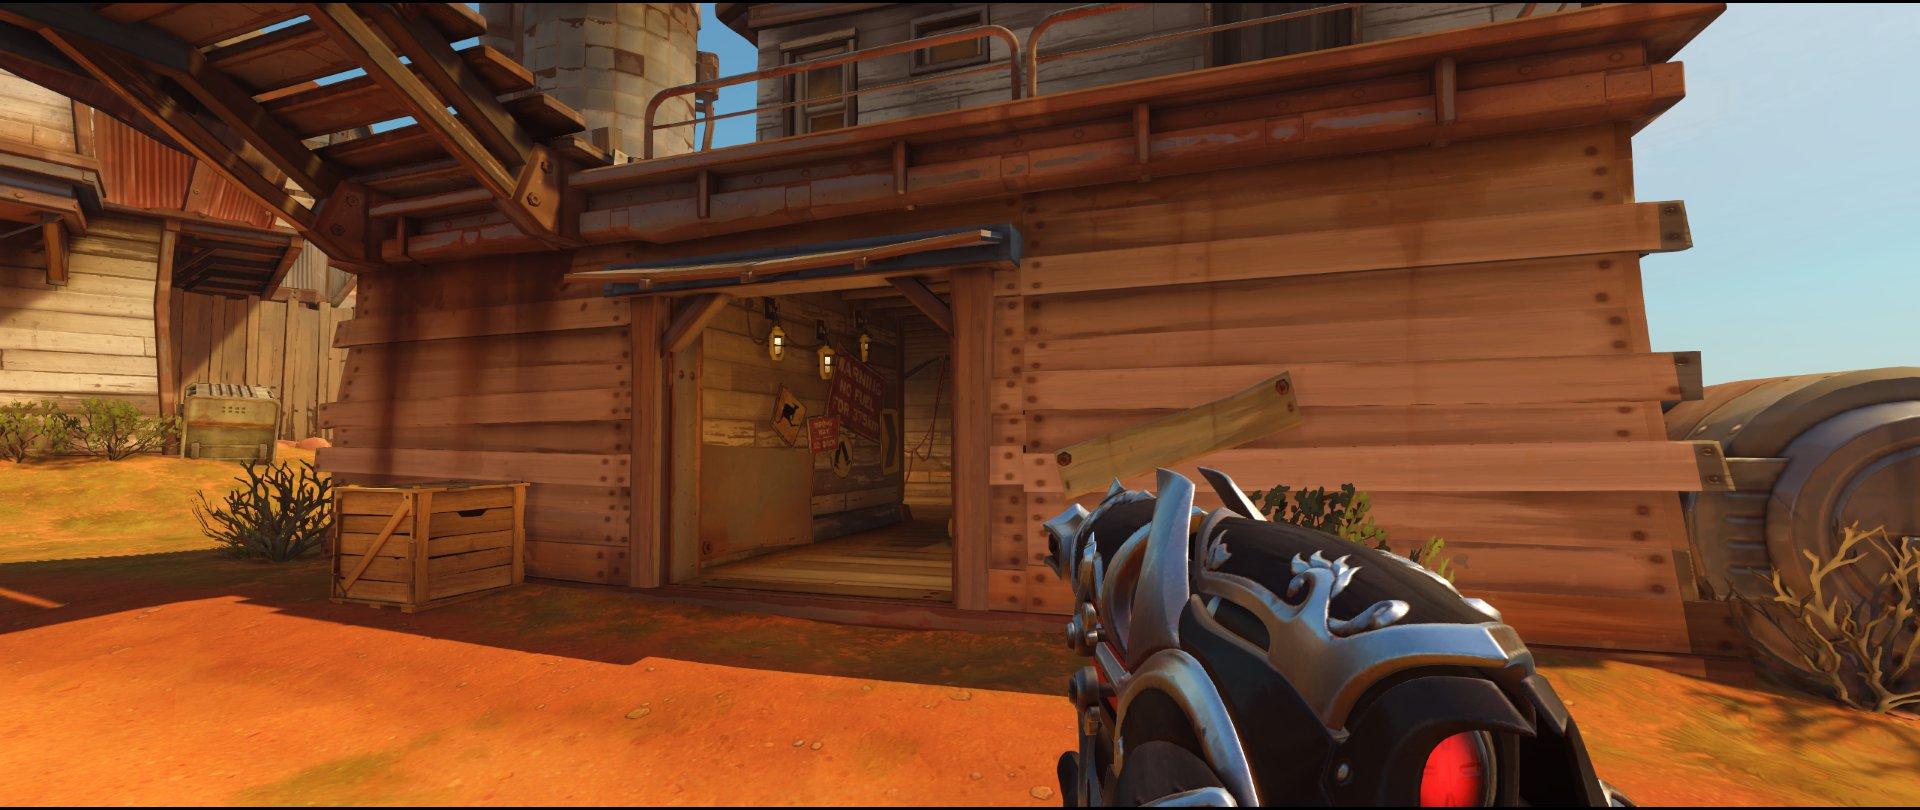 Appartment ground level defense Widowmaker sniping spot Junkertown.jpg